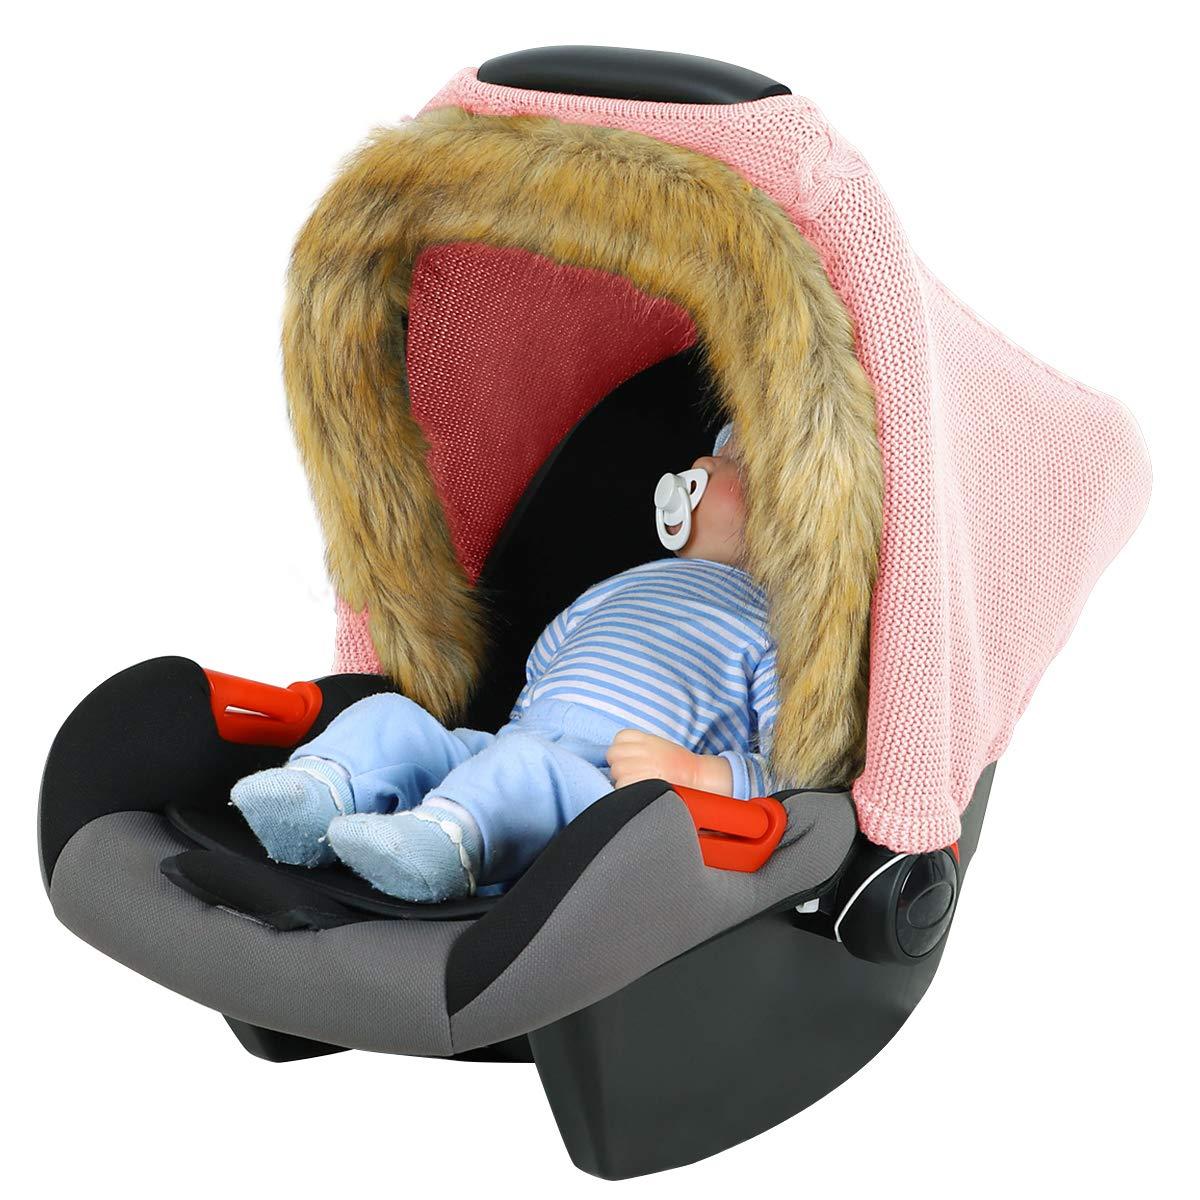 YINUODAY Baby Stilldecke Gestrickt Dehnbar Atmungsaktiv Baby Autositz Baldachin Kinderwagen Abdeckung Stillh/ülle Babyparty Geschenk f/ür Jungen M/ädchen